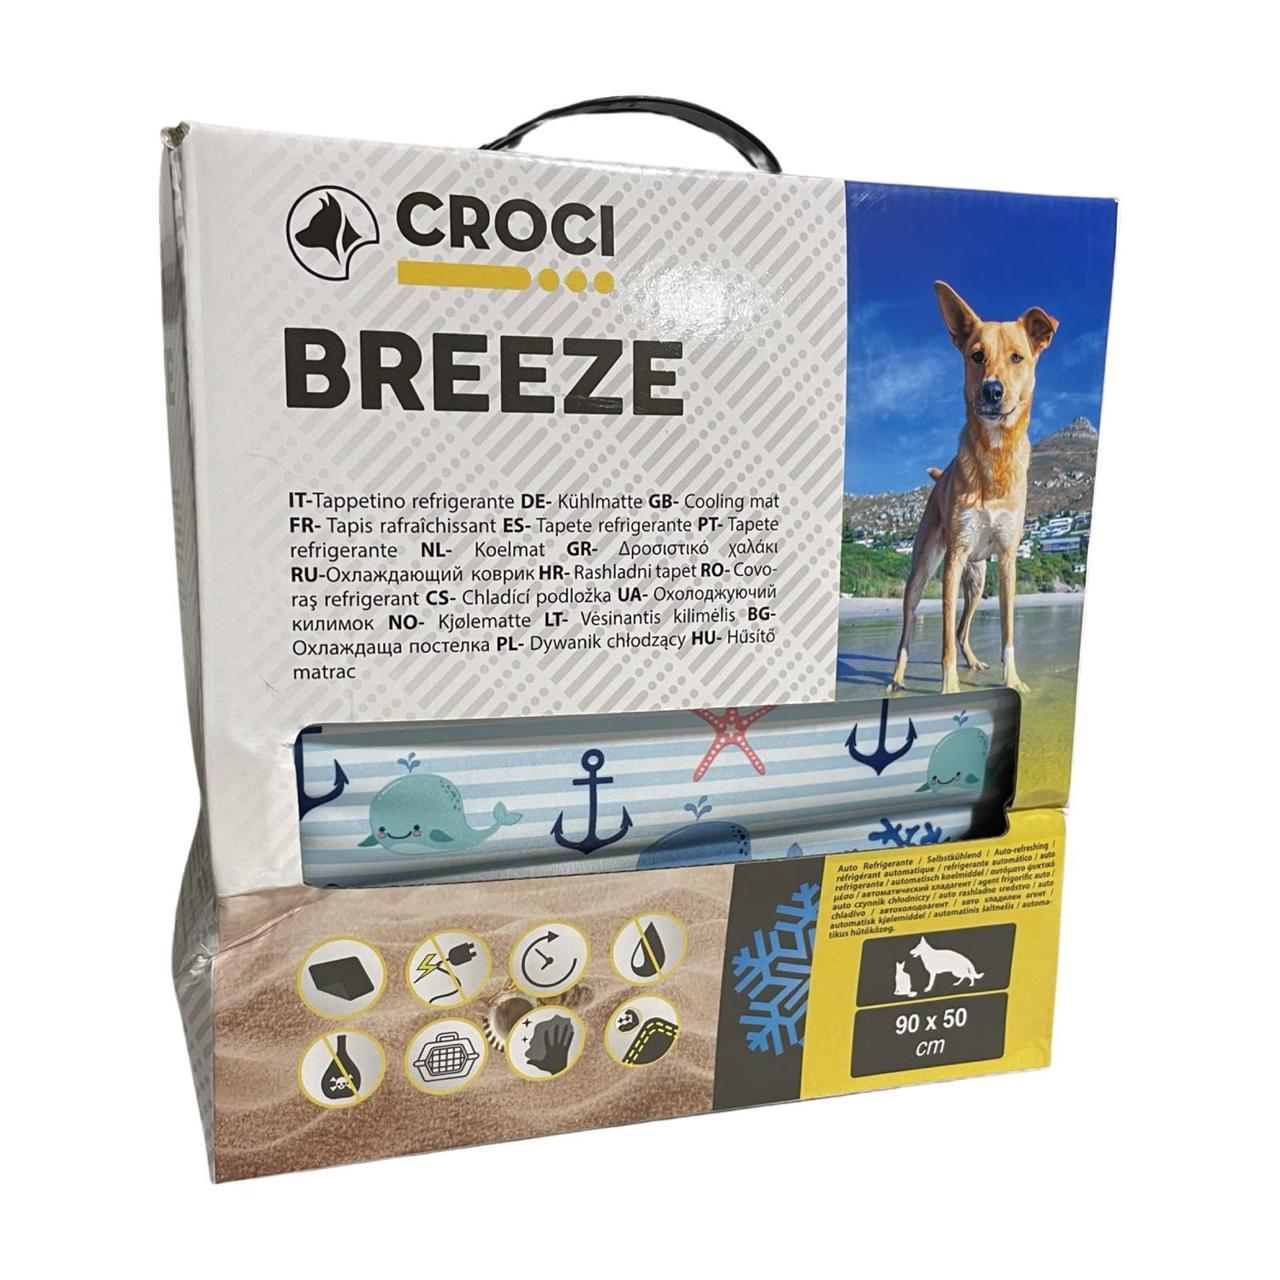 Річний охолоджуючий килимок для собак, домашніх тварин принт морський кіт 65*50 см, Croci